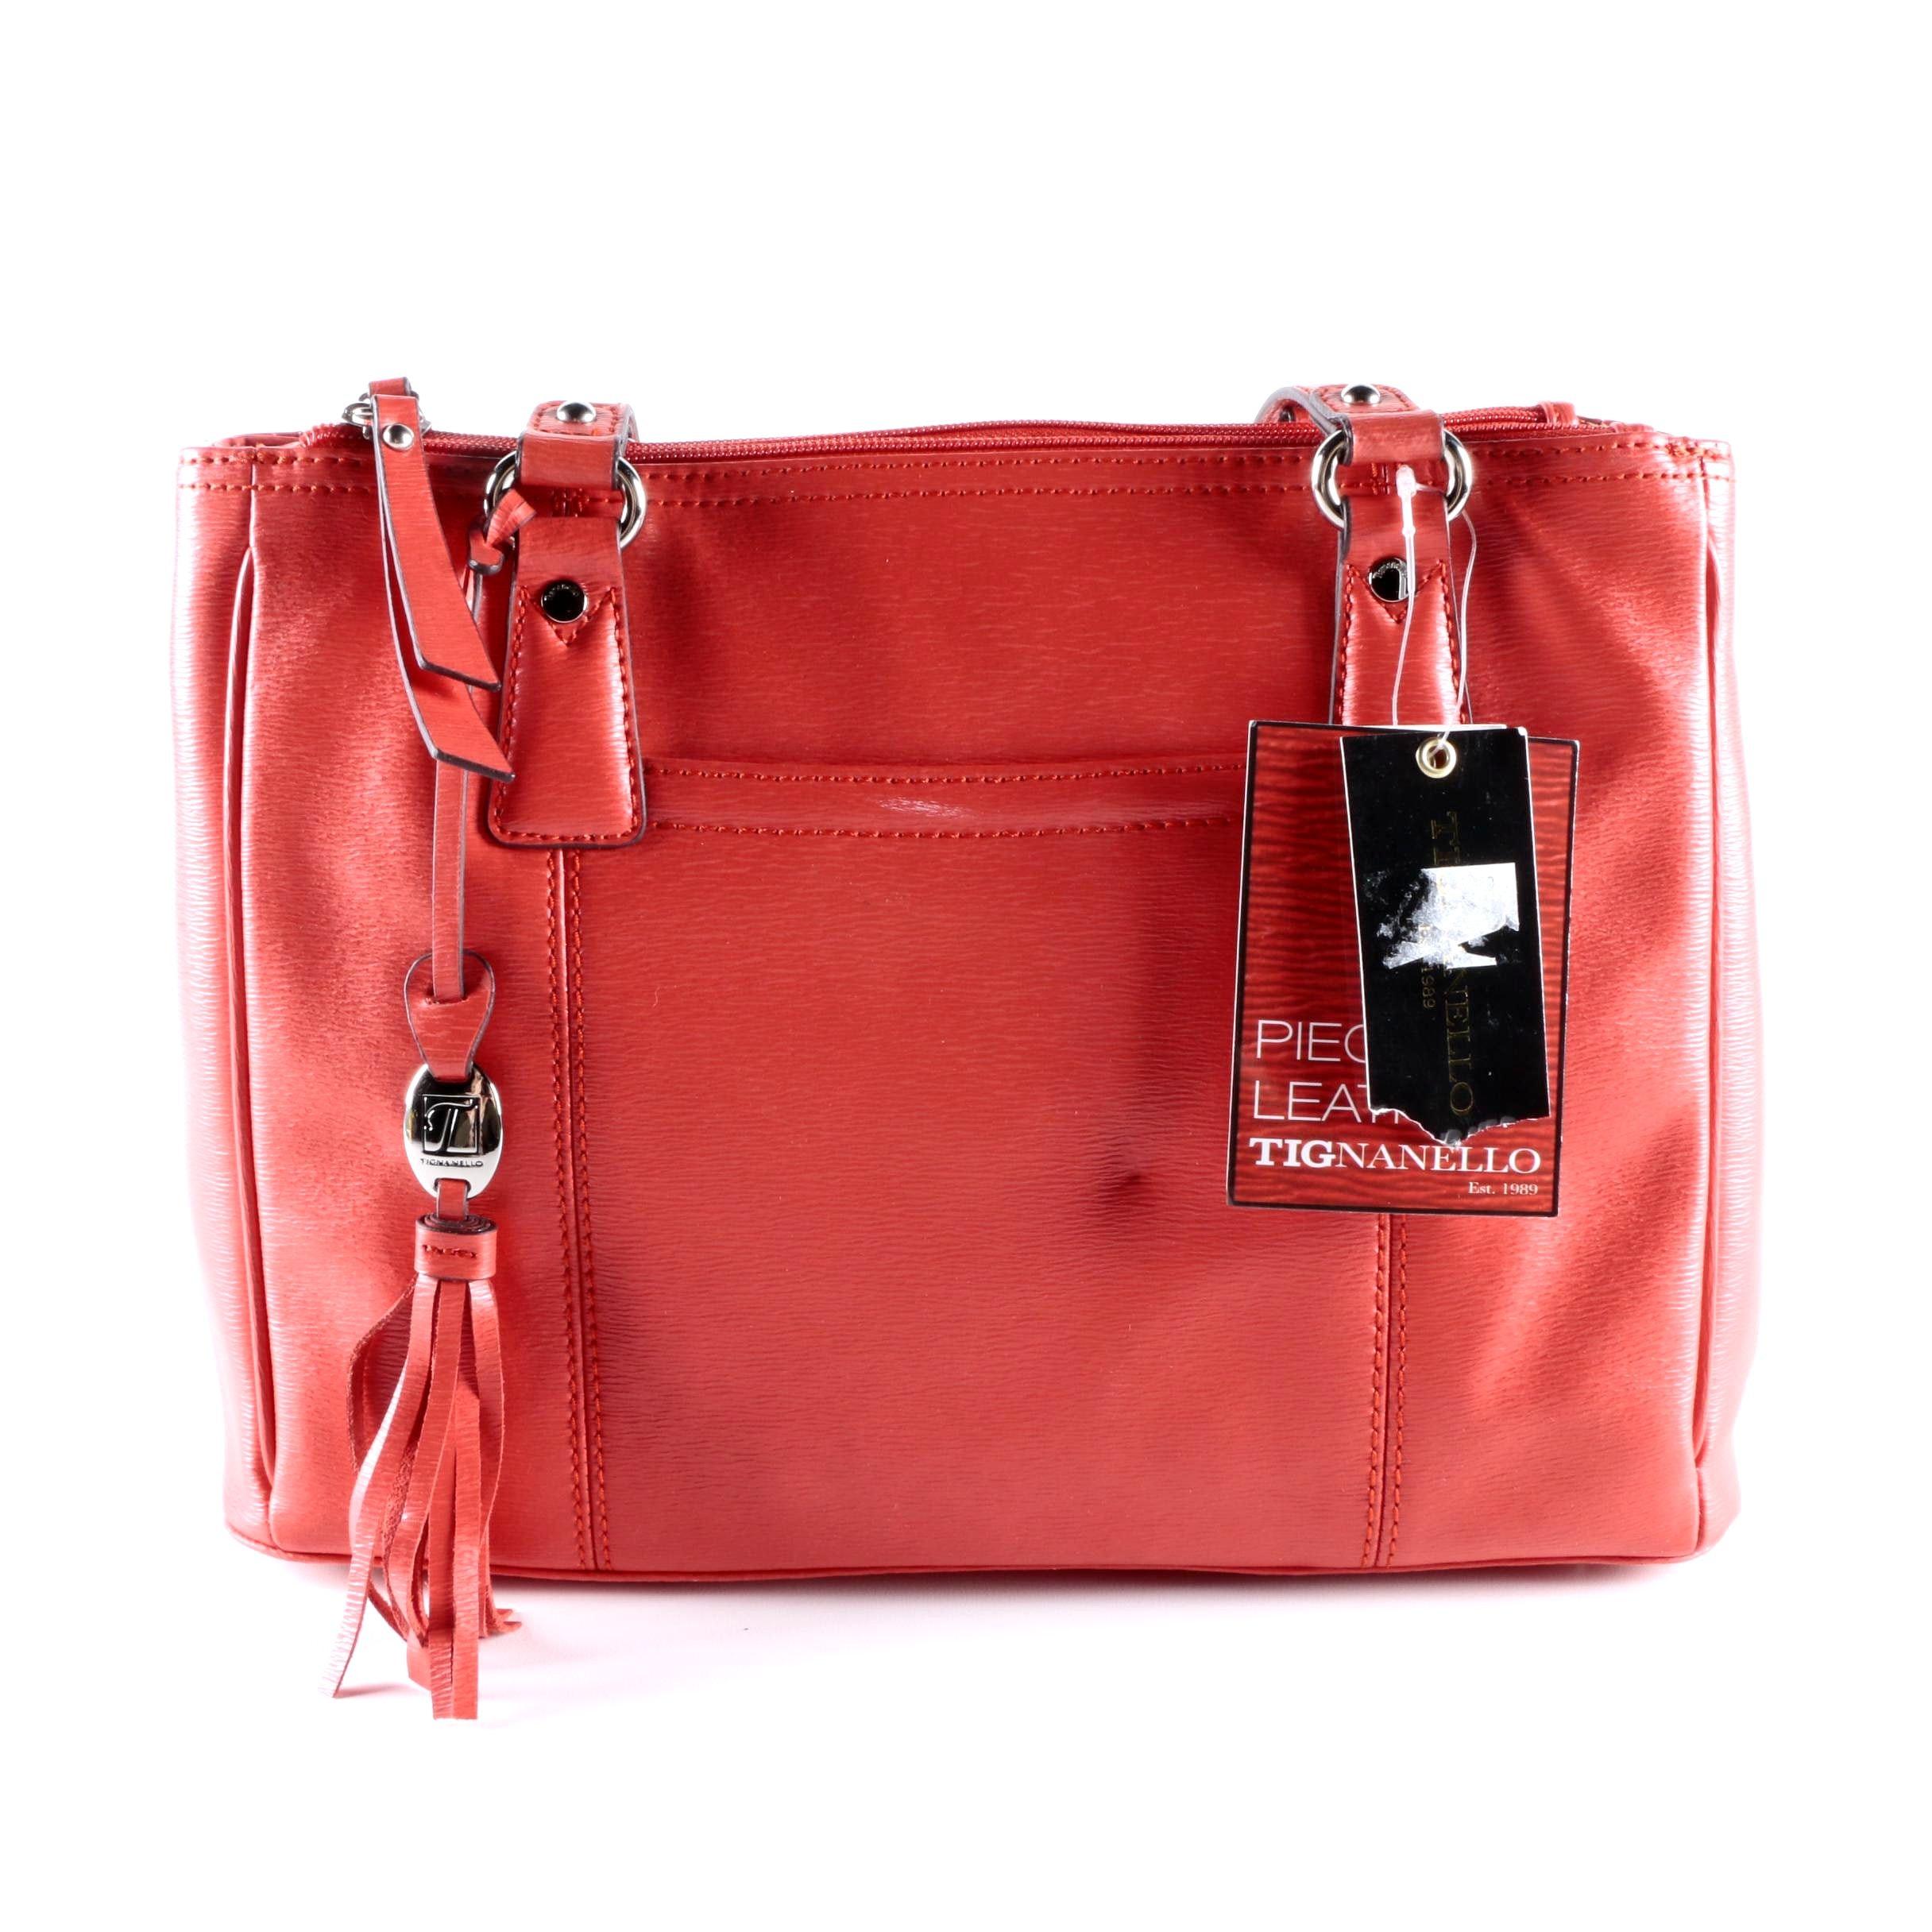 Tignanello Piega Leather Shoulder Bag